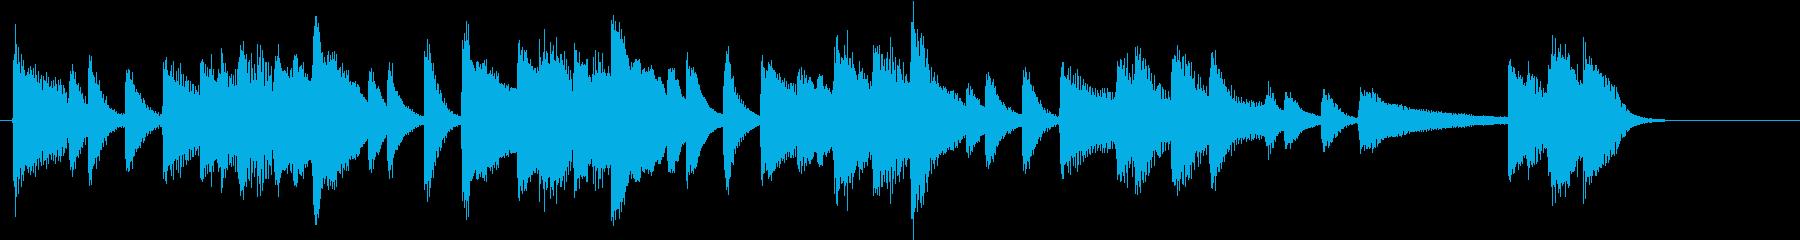 こぶしを効かせた民謡演歌風ピアノジングルの再生済みの波形